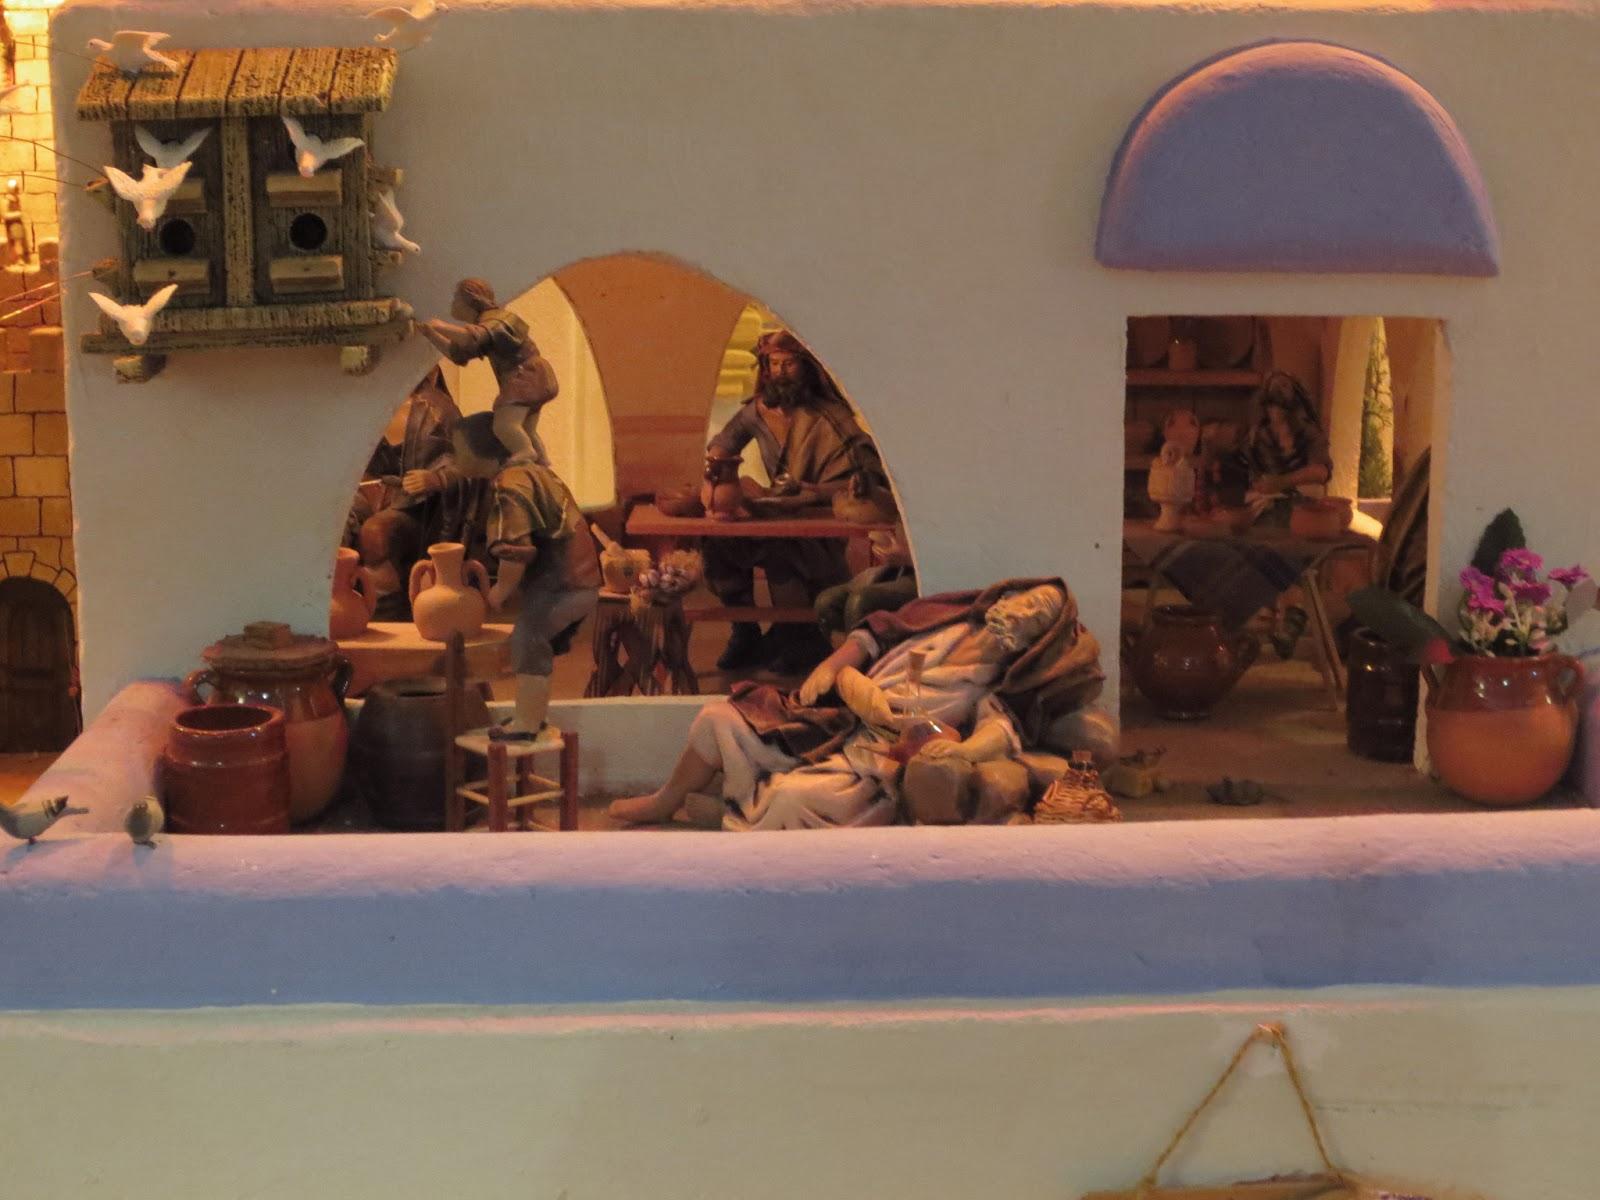 Kitschige Weihnachtsbeleuchtung.Viola S Plaudersofa Weihnachten In Spanien Teil 1